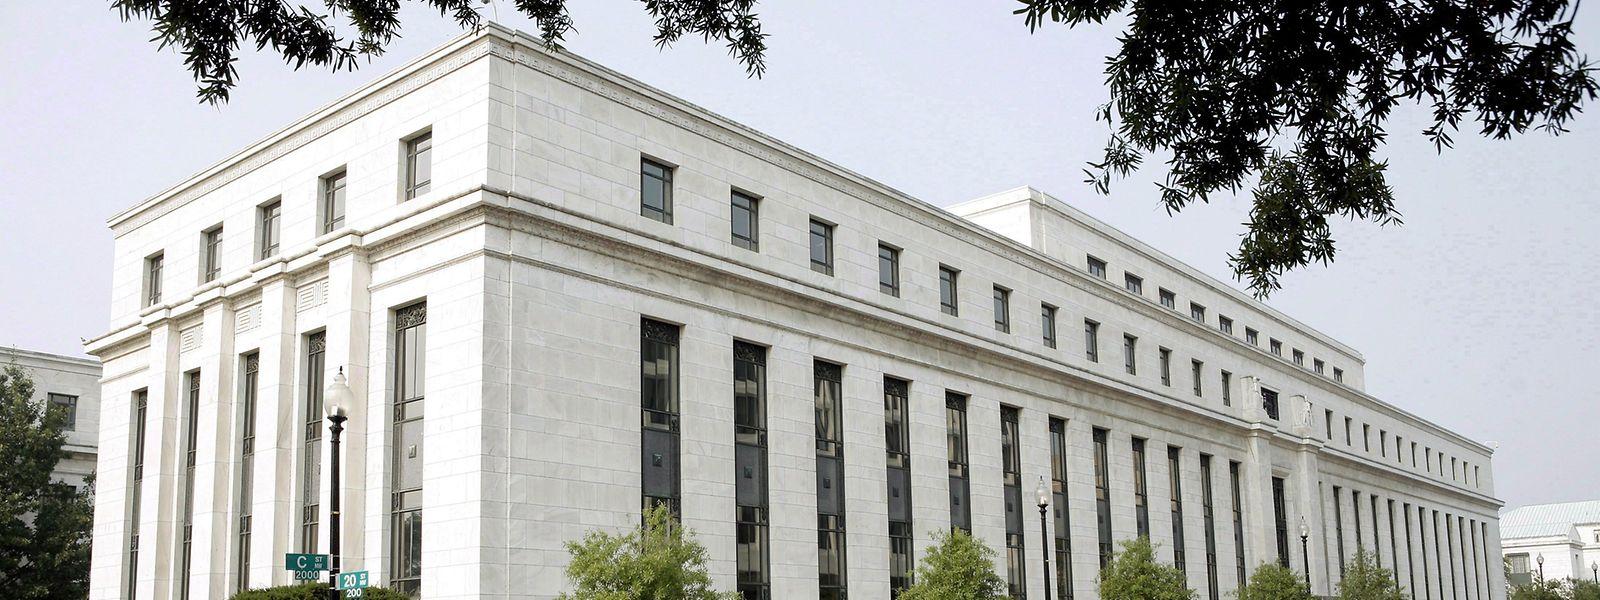 Das Gebäude der US-amerikanischen Notenbank Federal Reserve (Fed).